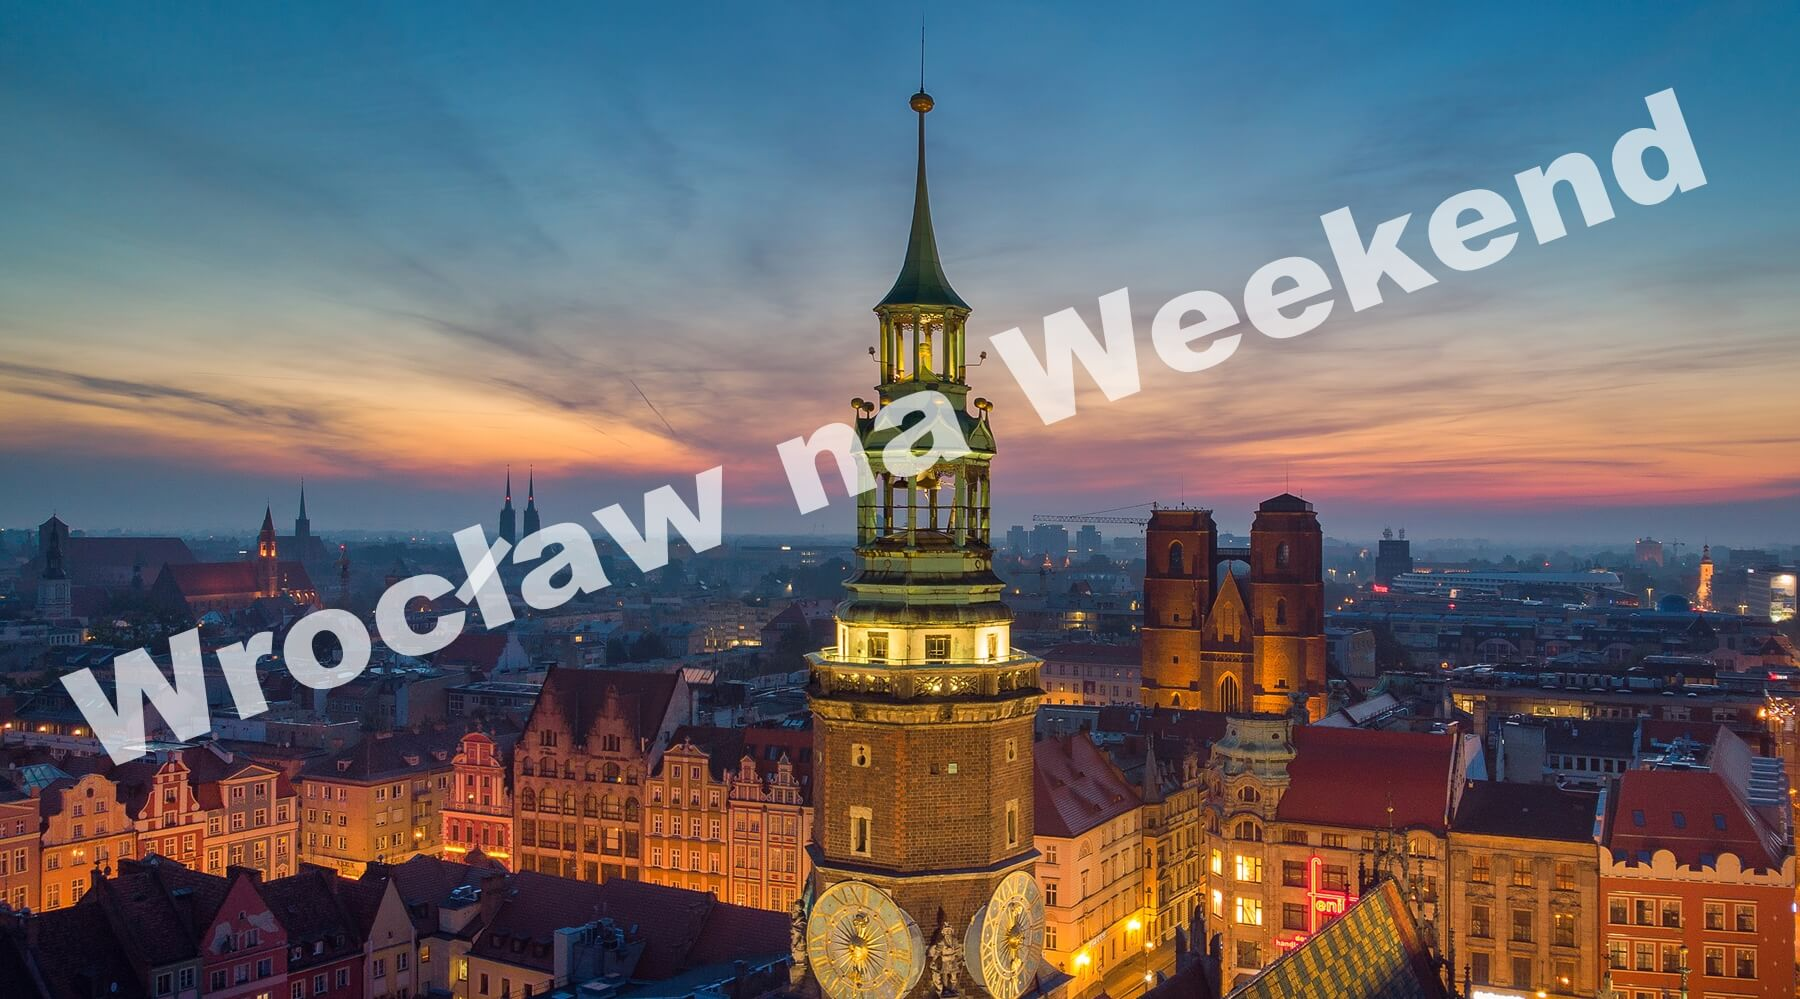 Wrocław na Weekend - Najpopularniejsze Atrakcje Wrocławia